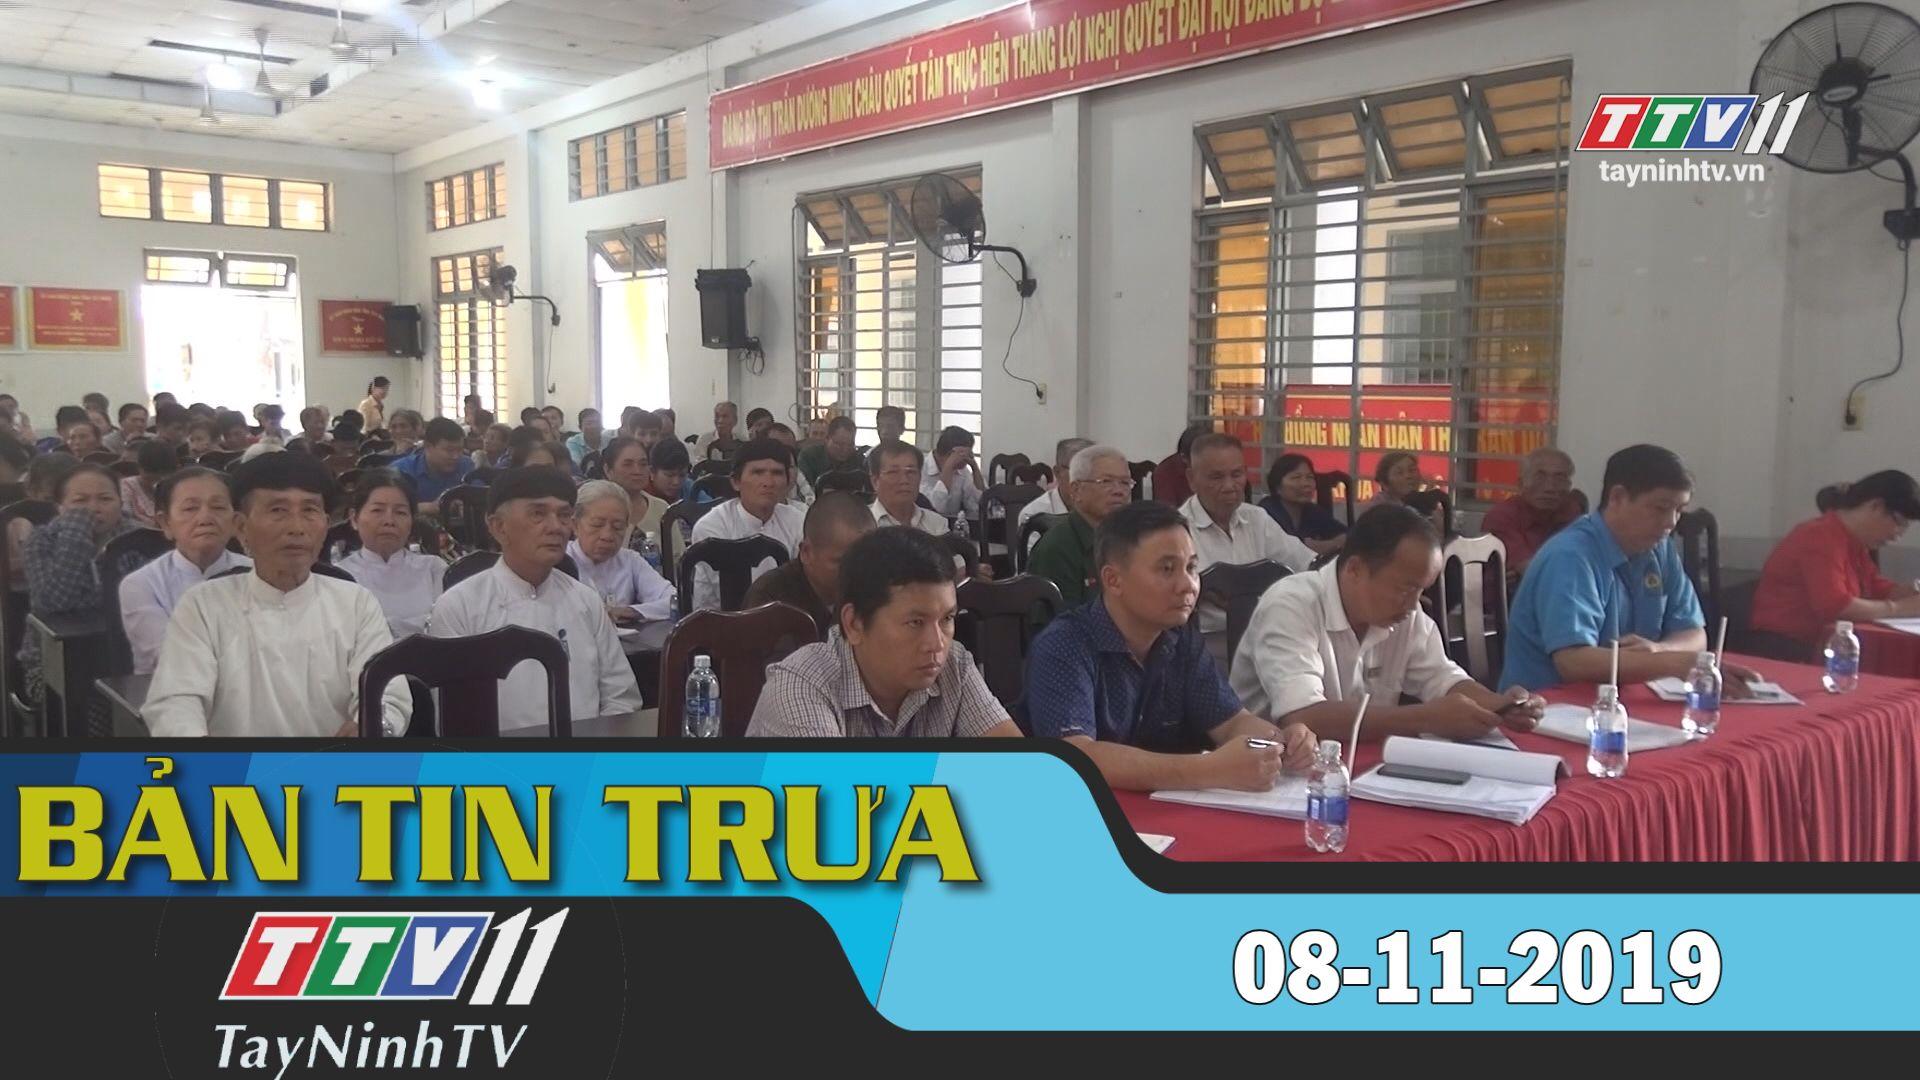 Bản tin trưa 08-11-2019 | BẢN TIN TRƯA | Tây Ninh TV